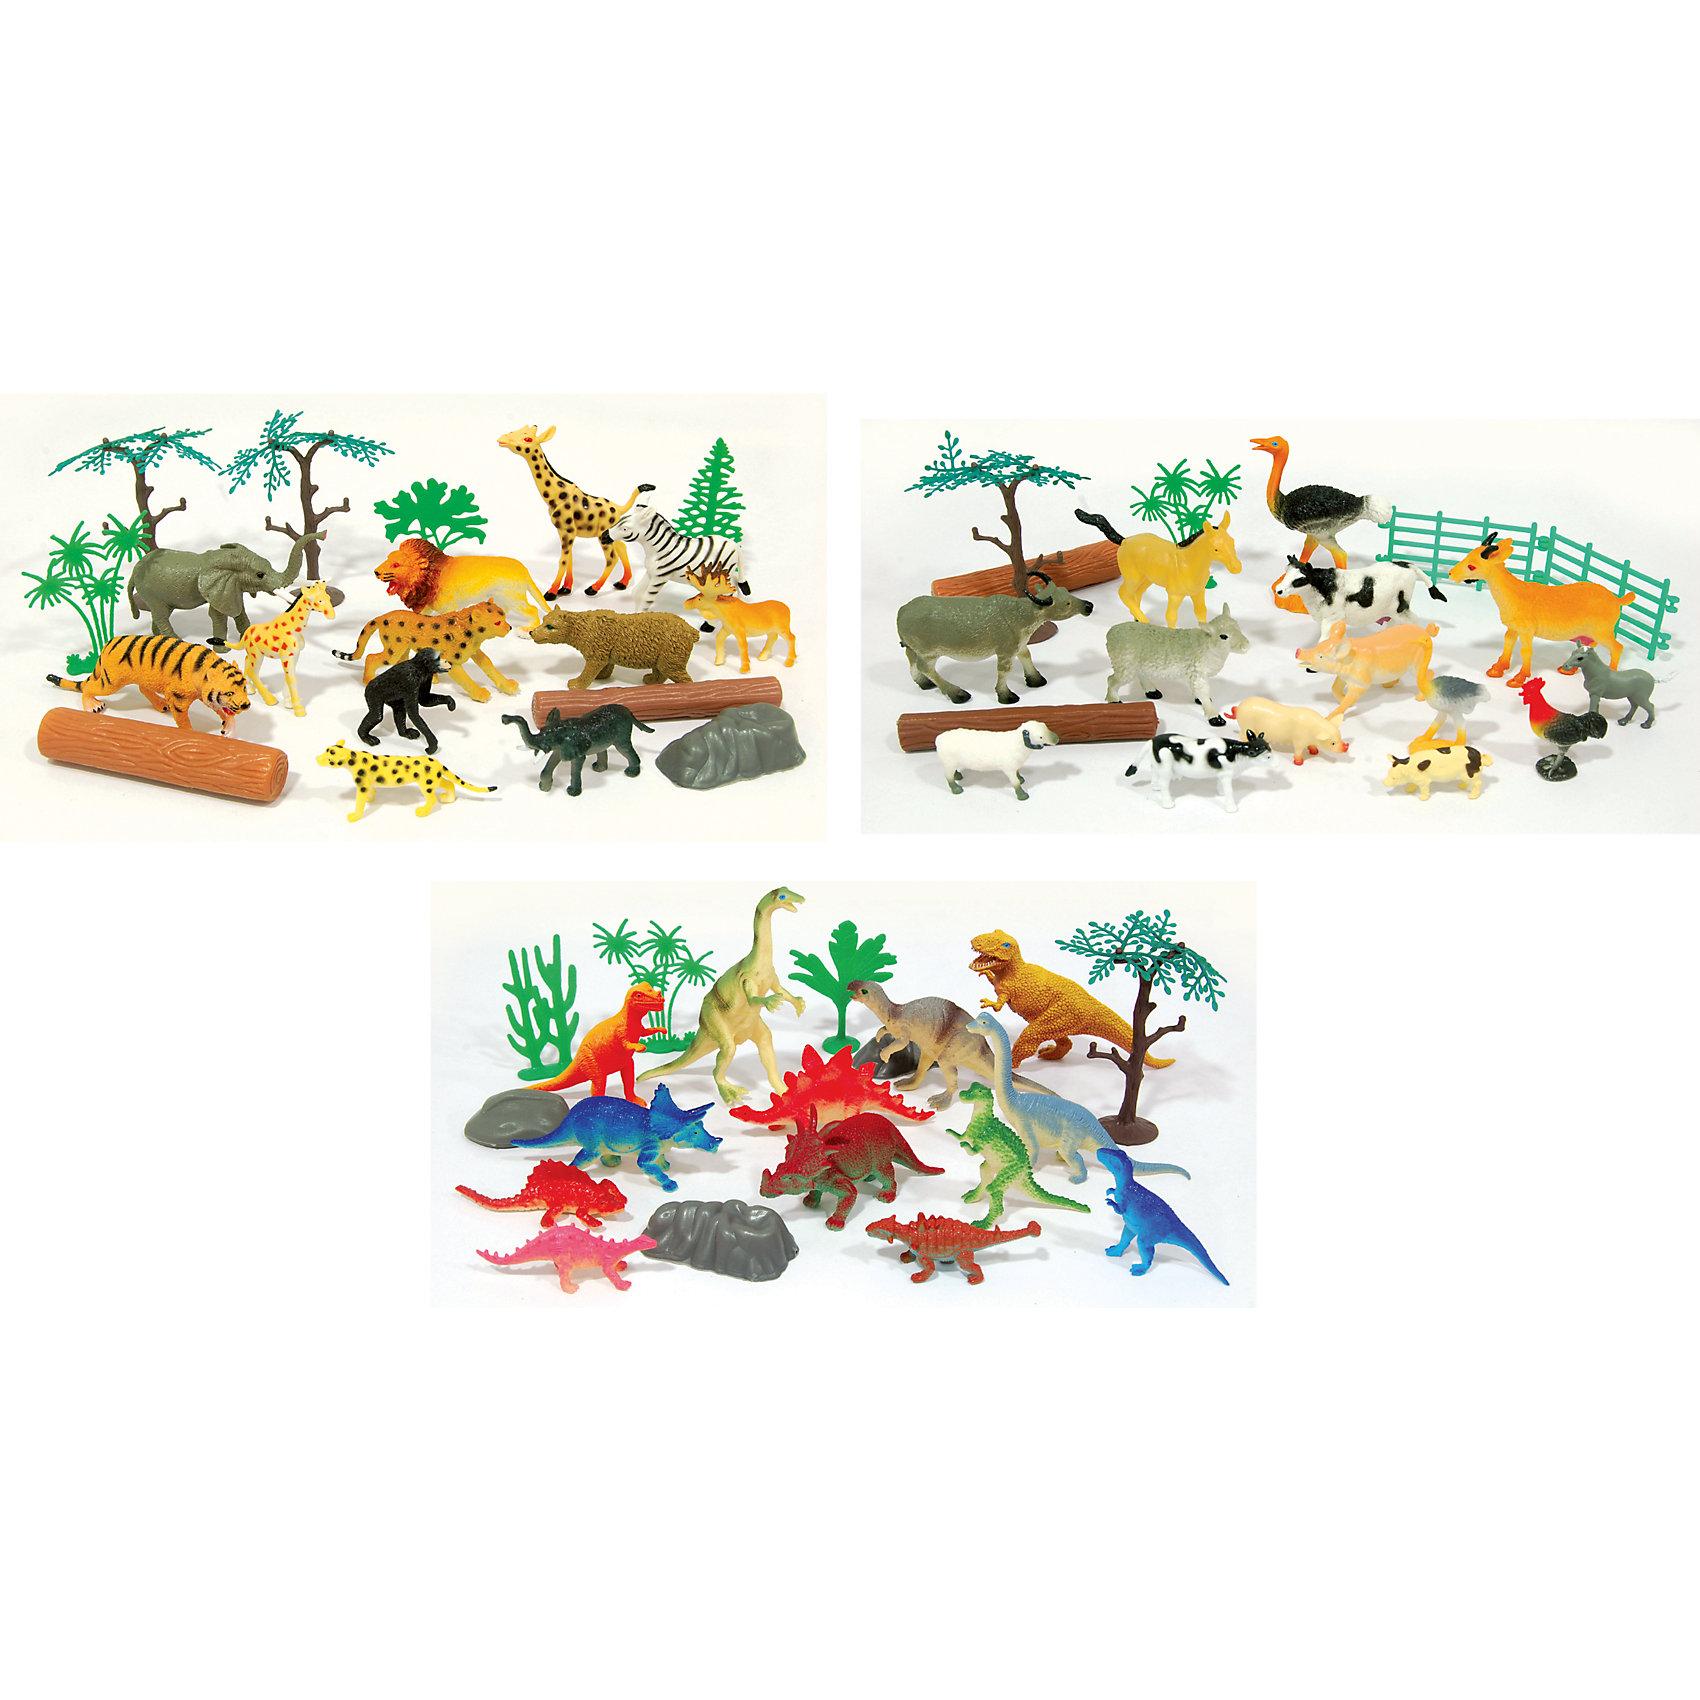 Игровой набор-рюкзачок В мире животных в комплекте 20 шт, BoleyМир животных<br>Характеристики товара:<br><br>• размер: 24х7х27 см<br>• комплектация: 20 фигурок<br>• материал: пластик<br>• вес: 420 г<br>• страна бренда: США<br>• страна производства: Китай<br><br>Игровой набор из двадцати фигурок разных животных - отличный подарок для ребенка! Дети, как правило, очень любят животных. Чтобы ребенок мог безопасно и весело играть - вручите ему такие фигурки. Они отлично детализированы и помогут малышам начать изучать животный мир.<br>Такая игра помогает ребенку нарабатывать новые знания, навыки и способности - развивает мелкую моторику, а также активизирует процессы мышления. Изделие производится из качественных сертифицированных материалов, безопасных даже для самых маленьких.<br><br>Игровой набор-рюкзачок В мире животных в комплекте 20 шт, от бренда Boley можно купить в нашем интернет-магазине.<br><br>Ширина мм: 240<br>Глубина мм: 270<br>Высота мм: 70<br>Вес г: 428<br>Возраст от месяцев: 36<br>Возраст до месяцев: 2147483647<br>Пол: Унисекс<br>Возраст: Детский<br>SKU: 5224449